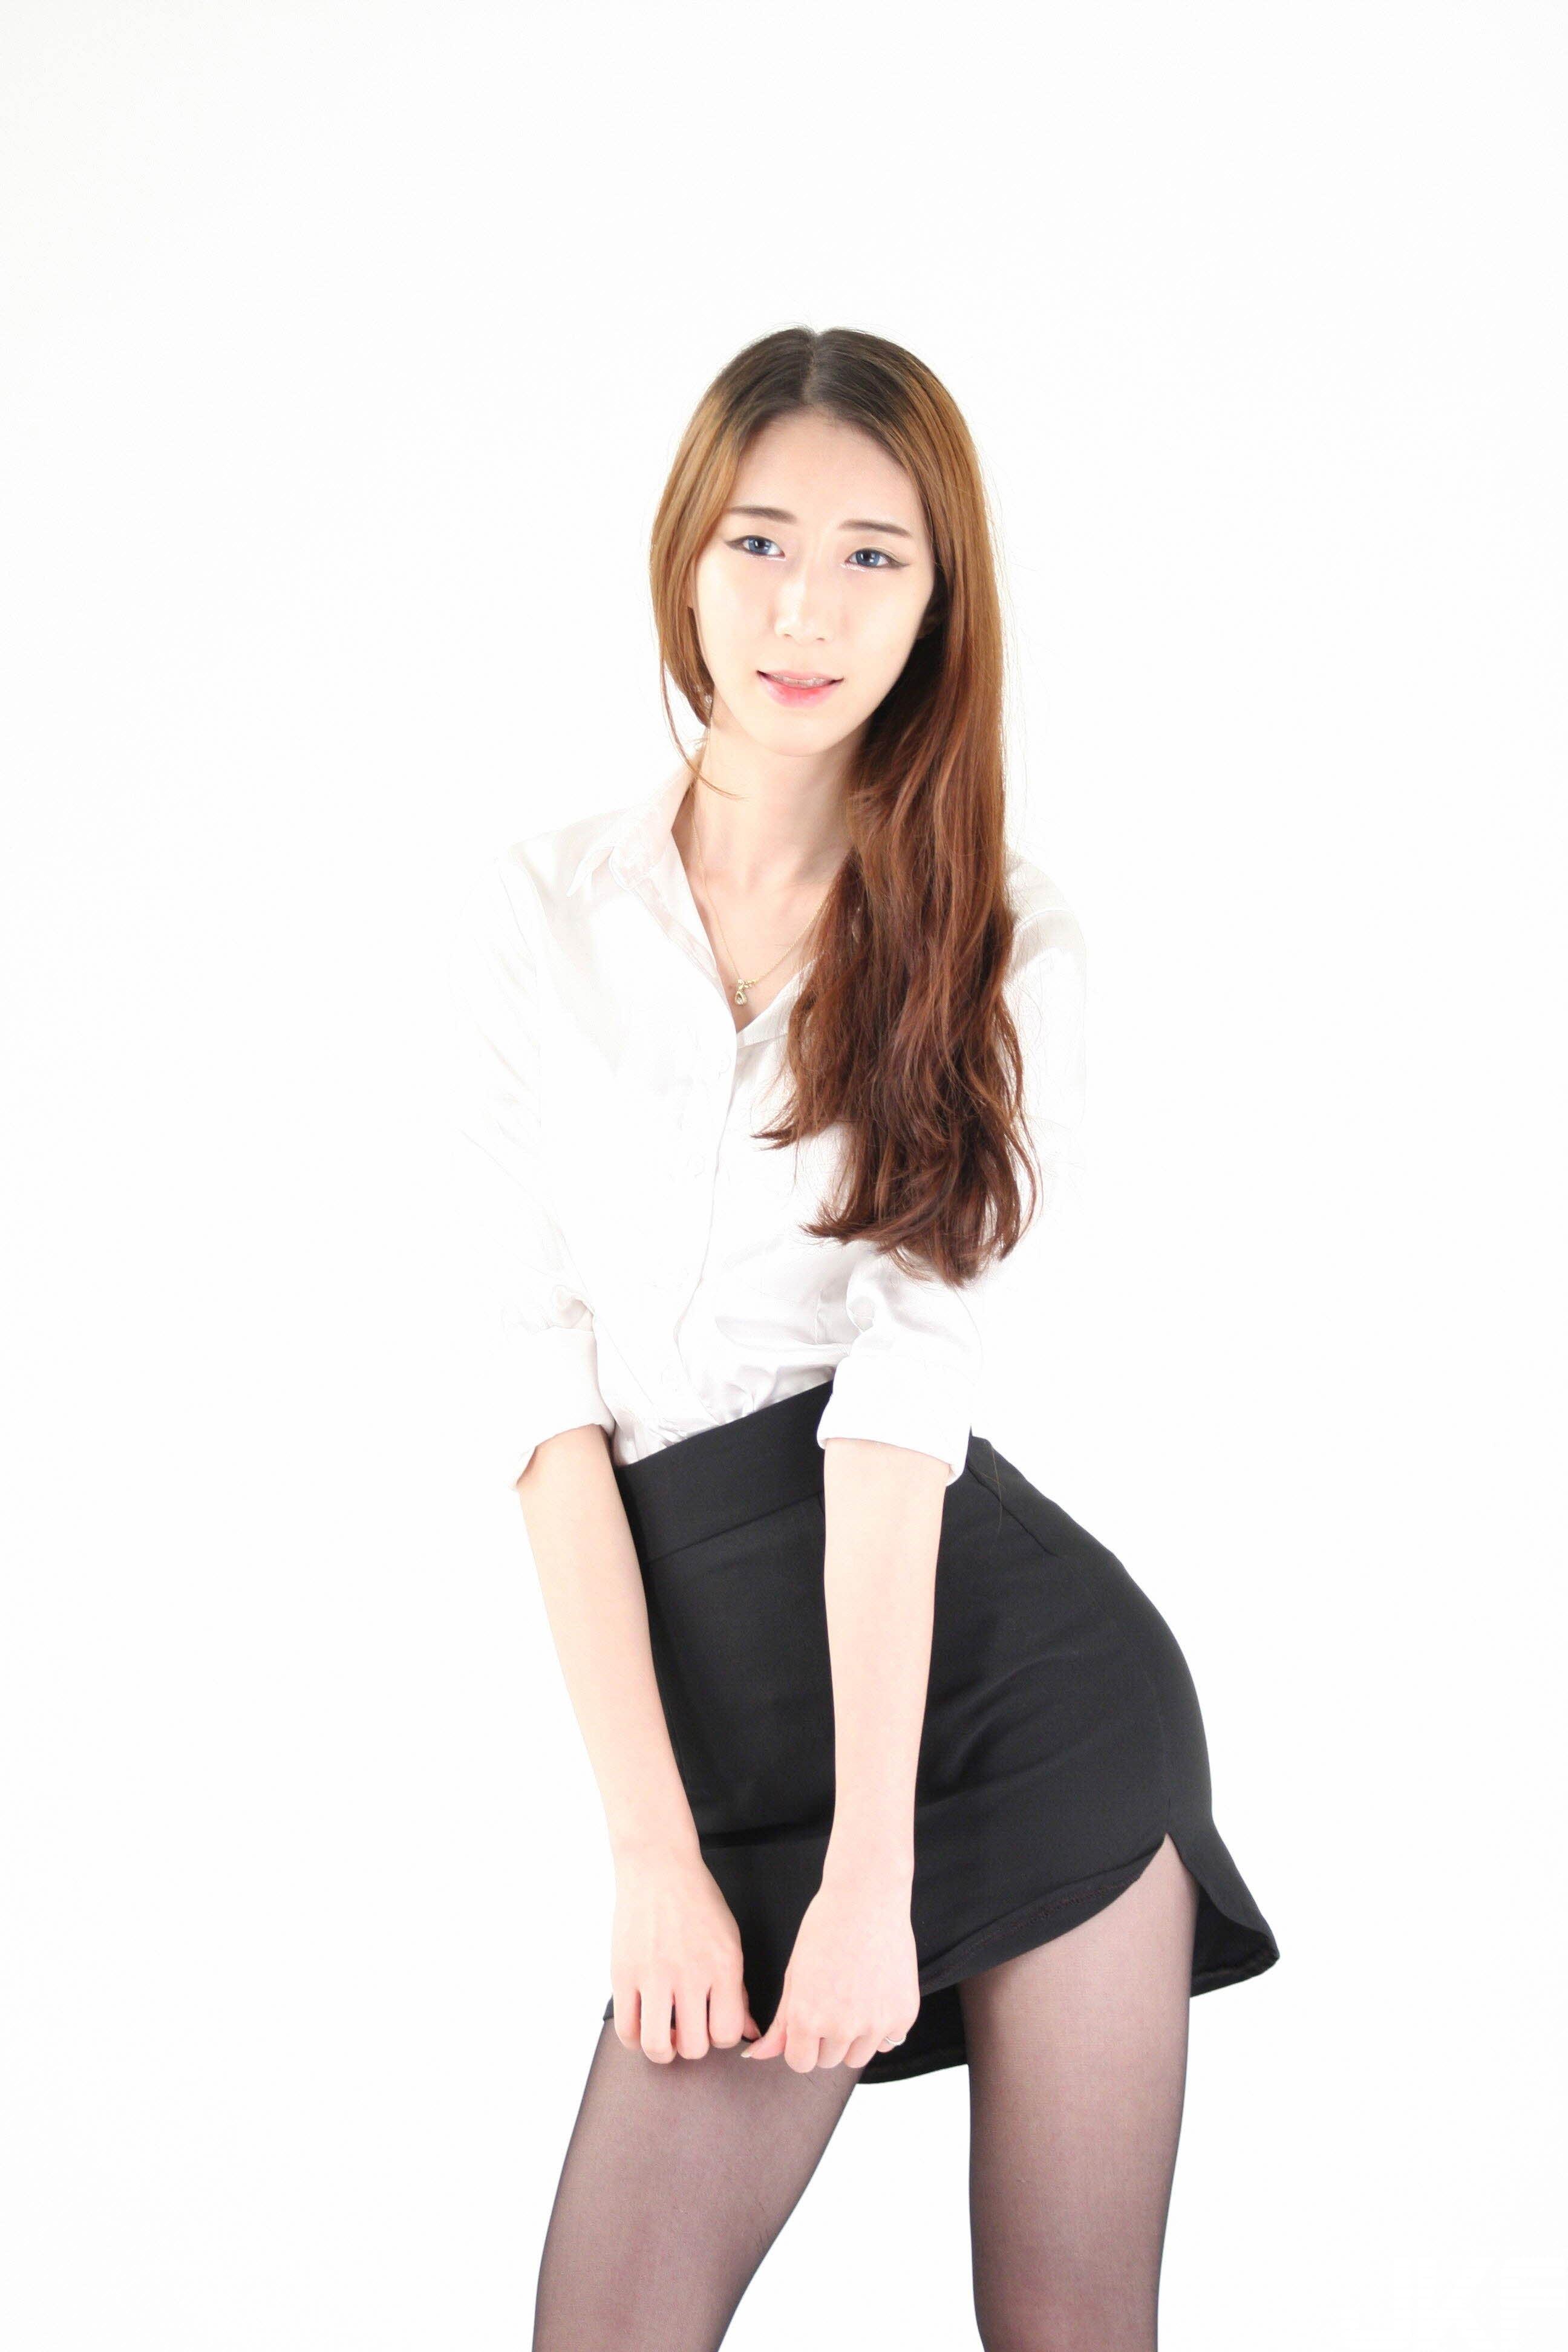 韓國芸能界模特私拍套圖 - 貼圖 - 清涼寫真 -